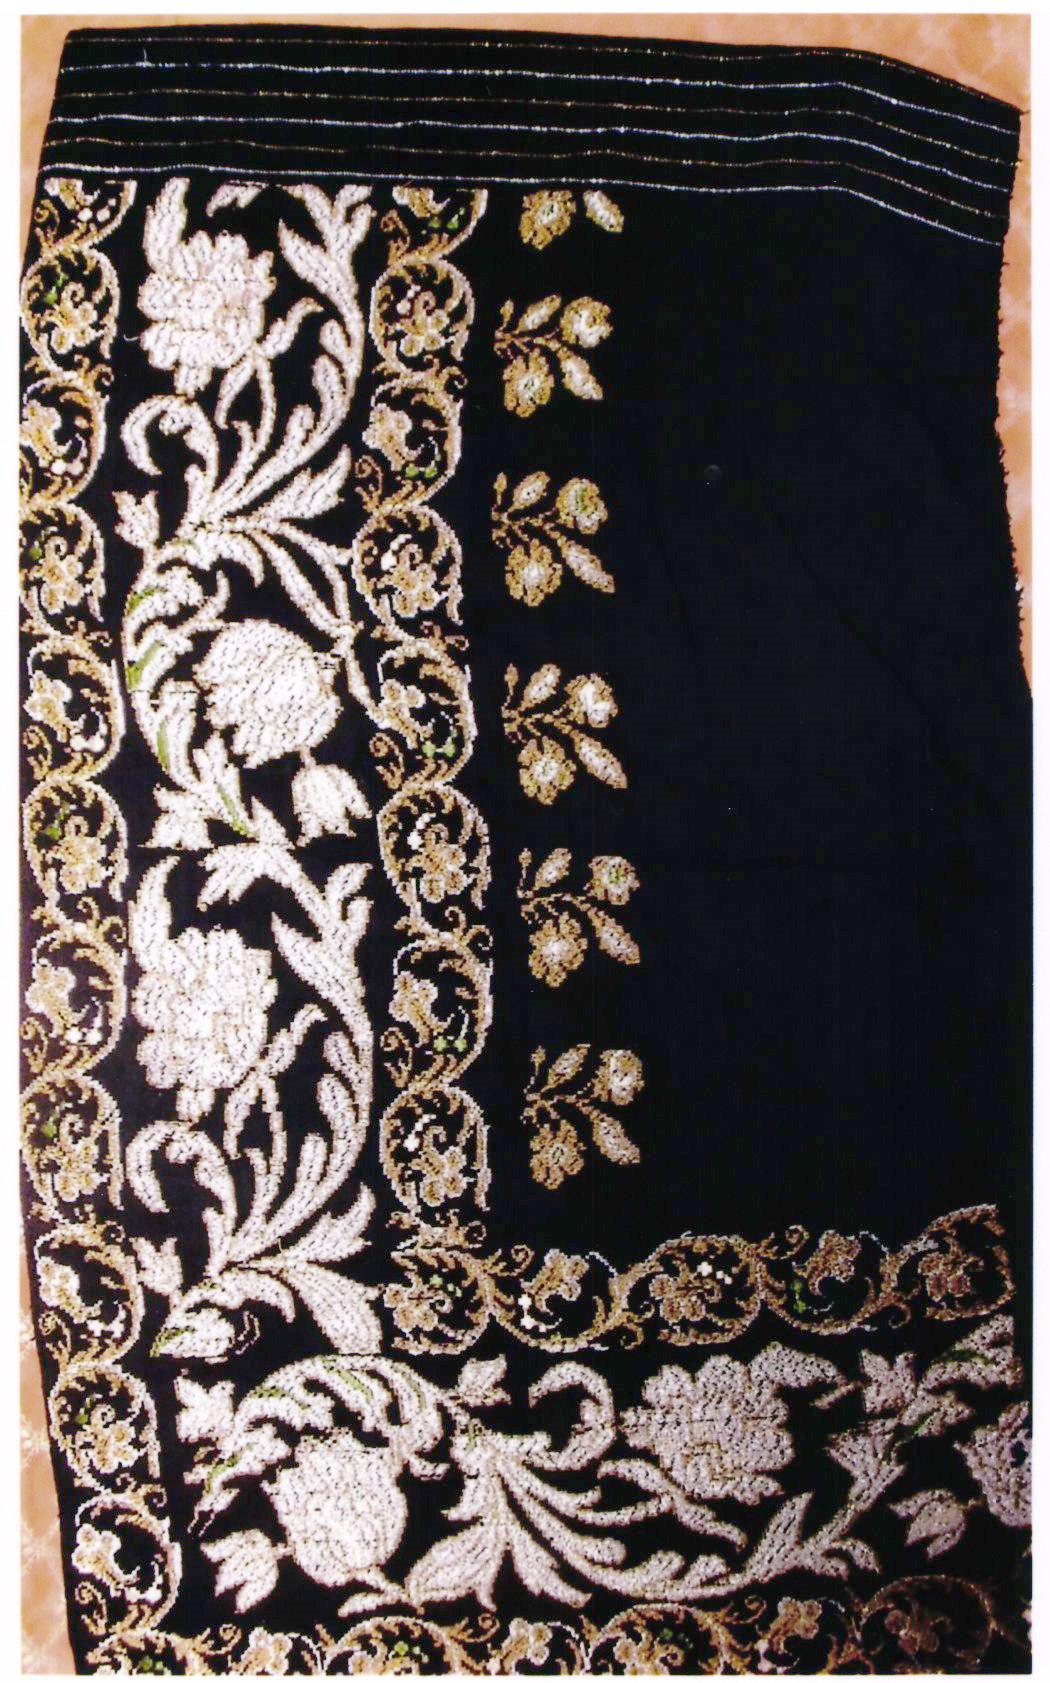 anonim; Fotă cu fir pe negru - Muzeul Viticulturii şi Pomiculturii - GOLEŞTI (Patrimoniul Cultural National Mobil din Romania. Ordin de clasare: 2356/14.06.2017 - Tezaur)